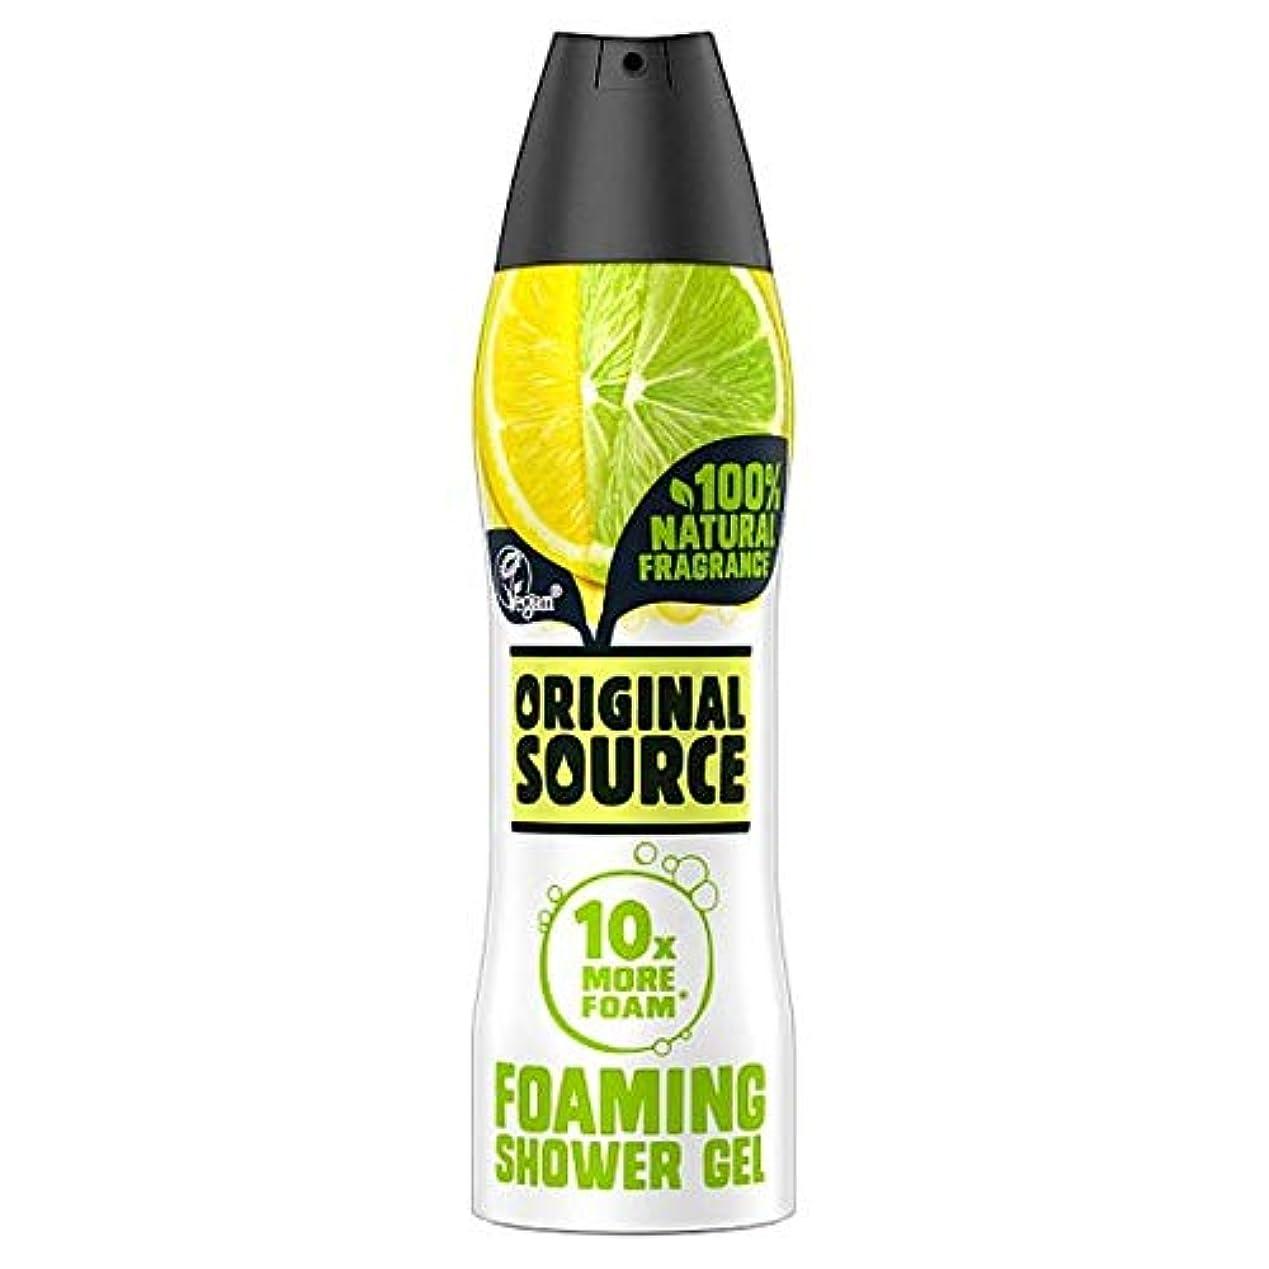 補足謝罪シニス[Original Source] 元のソースレモンとライムシャワージェル180ミリリットル - Original Source Lemon And Lime Shower Gel 180Ml [並行輸入品]